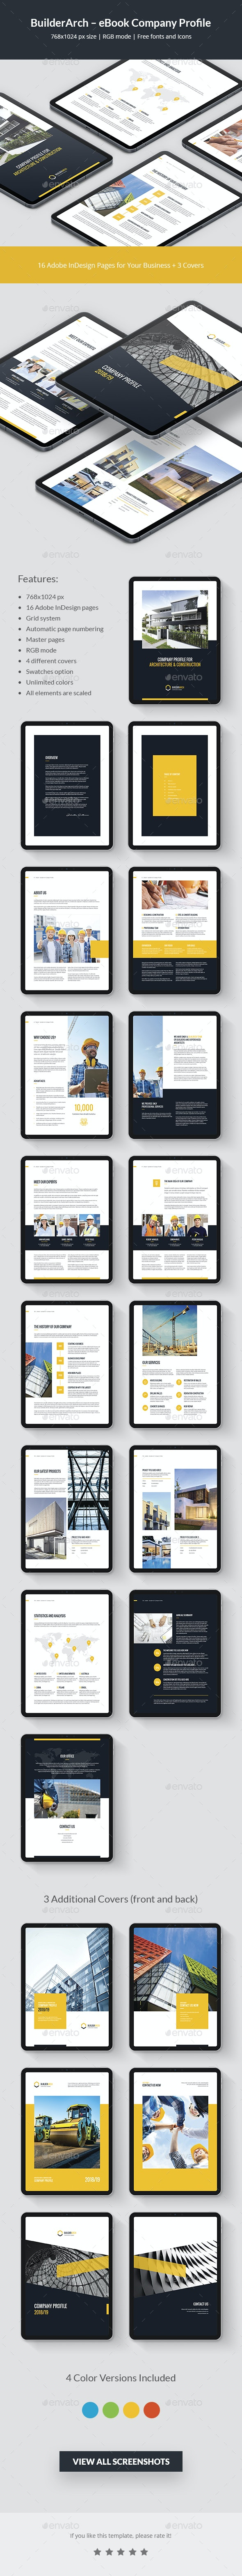 BuilderArch – eBook Company Profile - Digital Books ePublishing